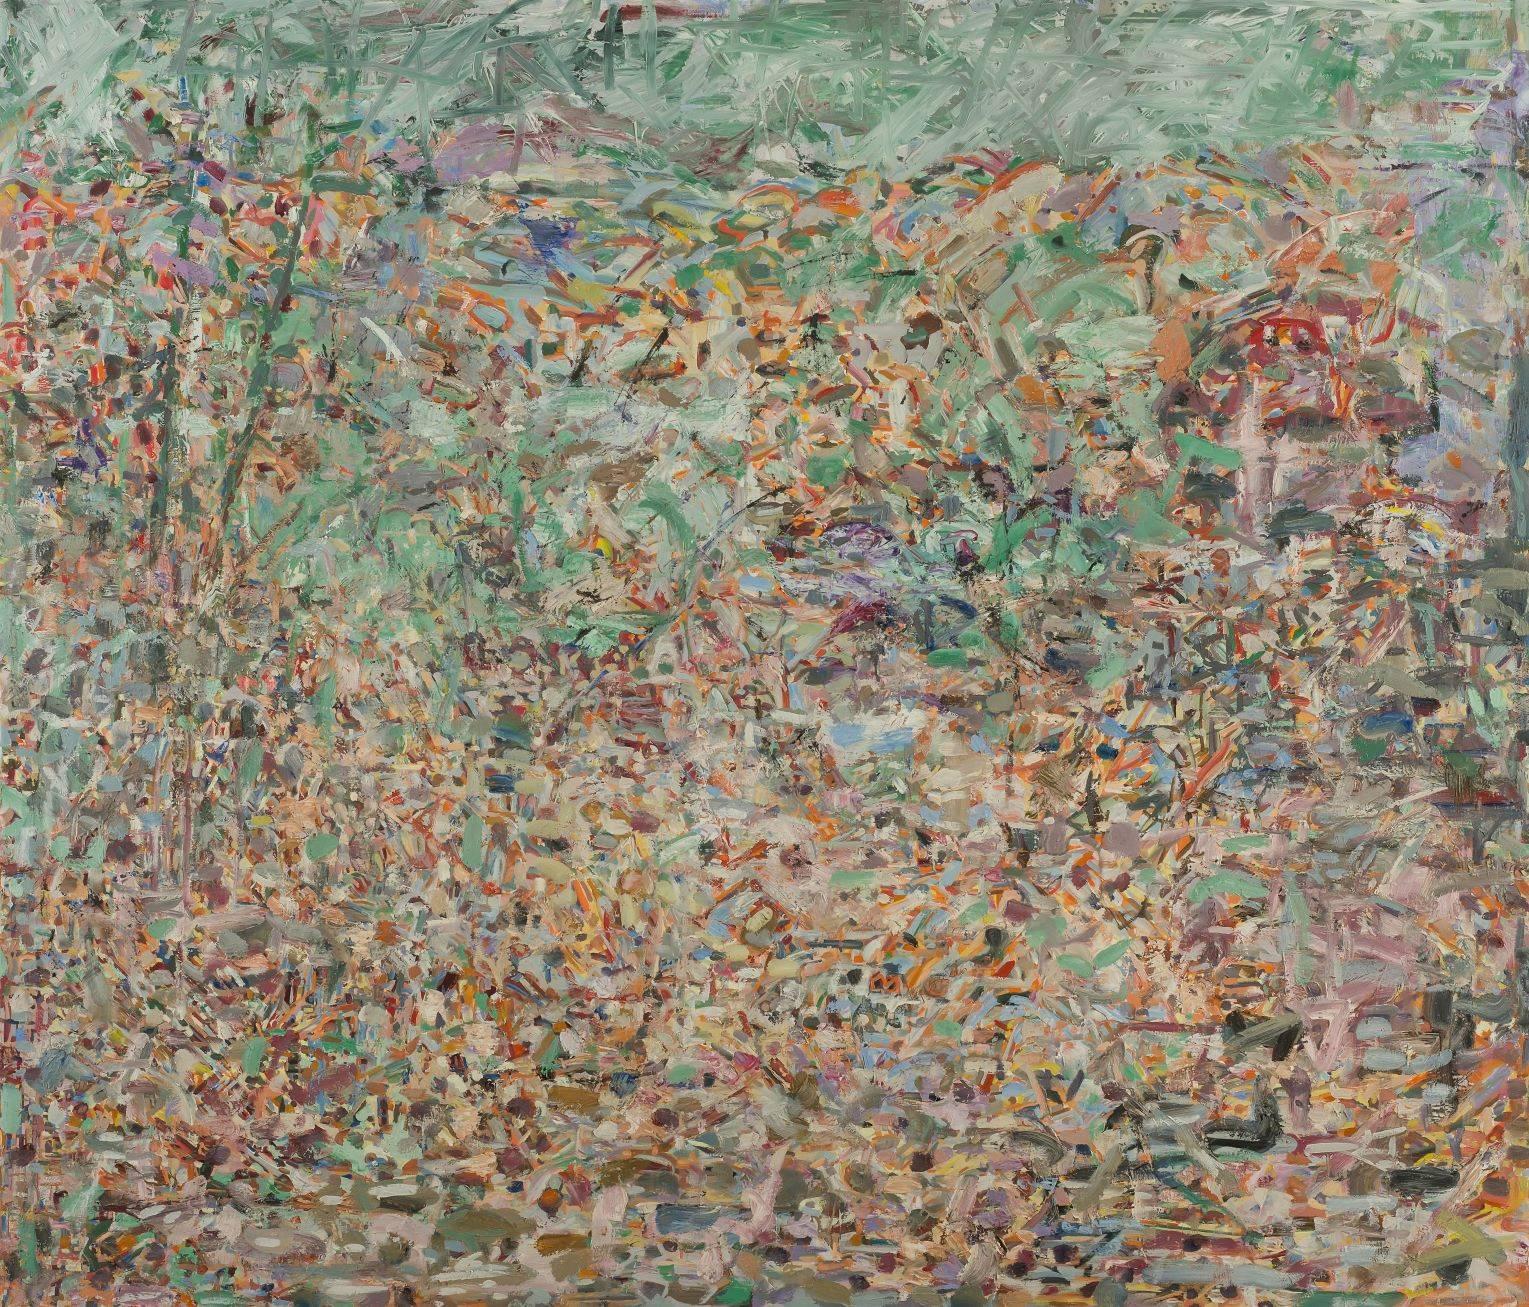 Twains River. Zohar Cohen. Jackson's Painting Prize.